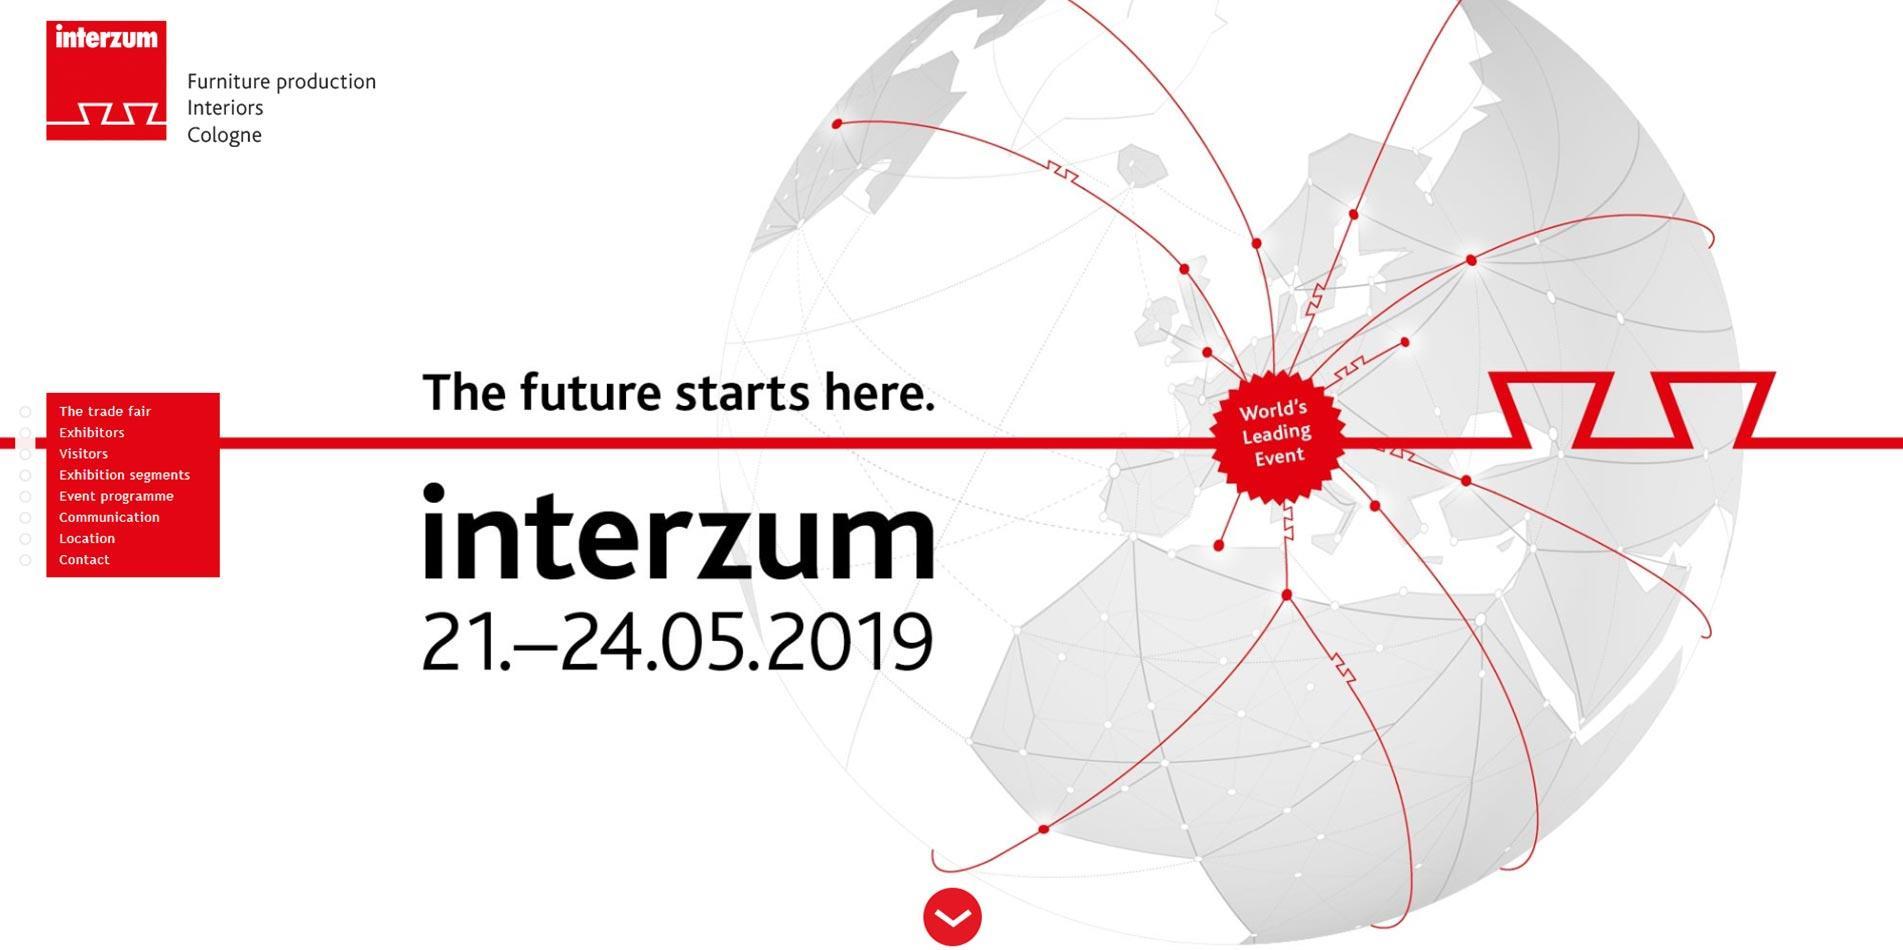 Interzum 2019